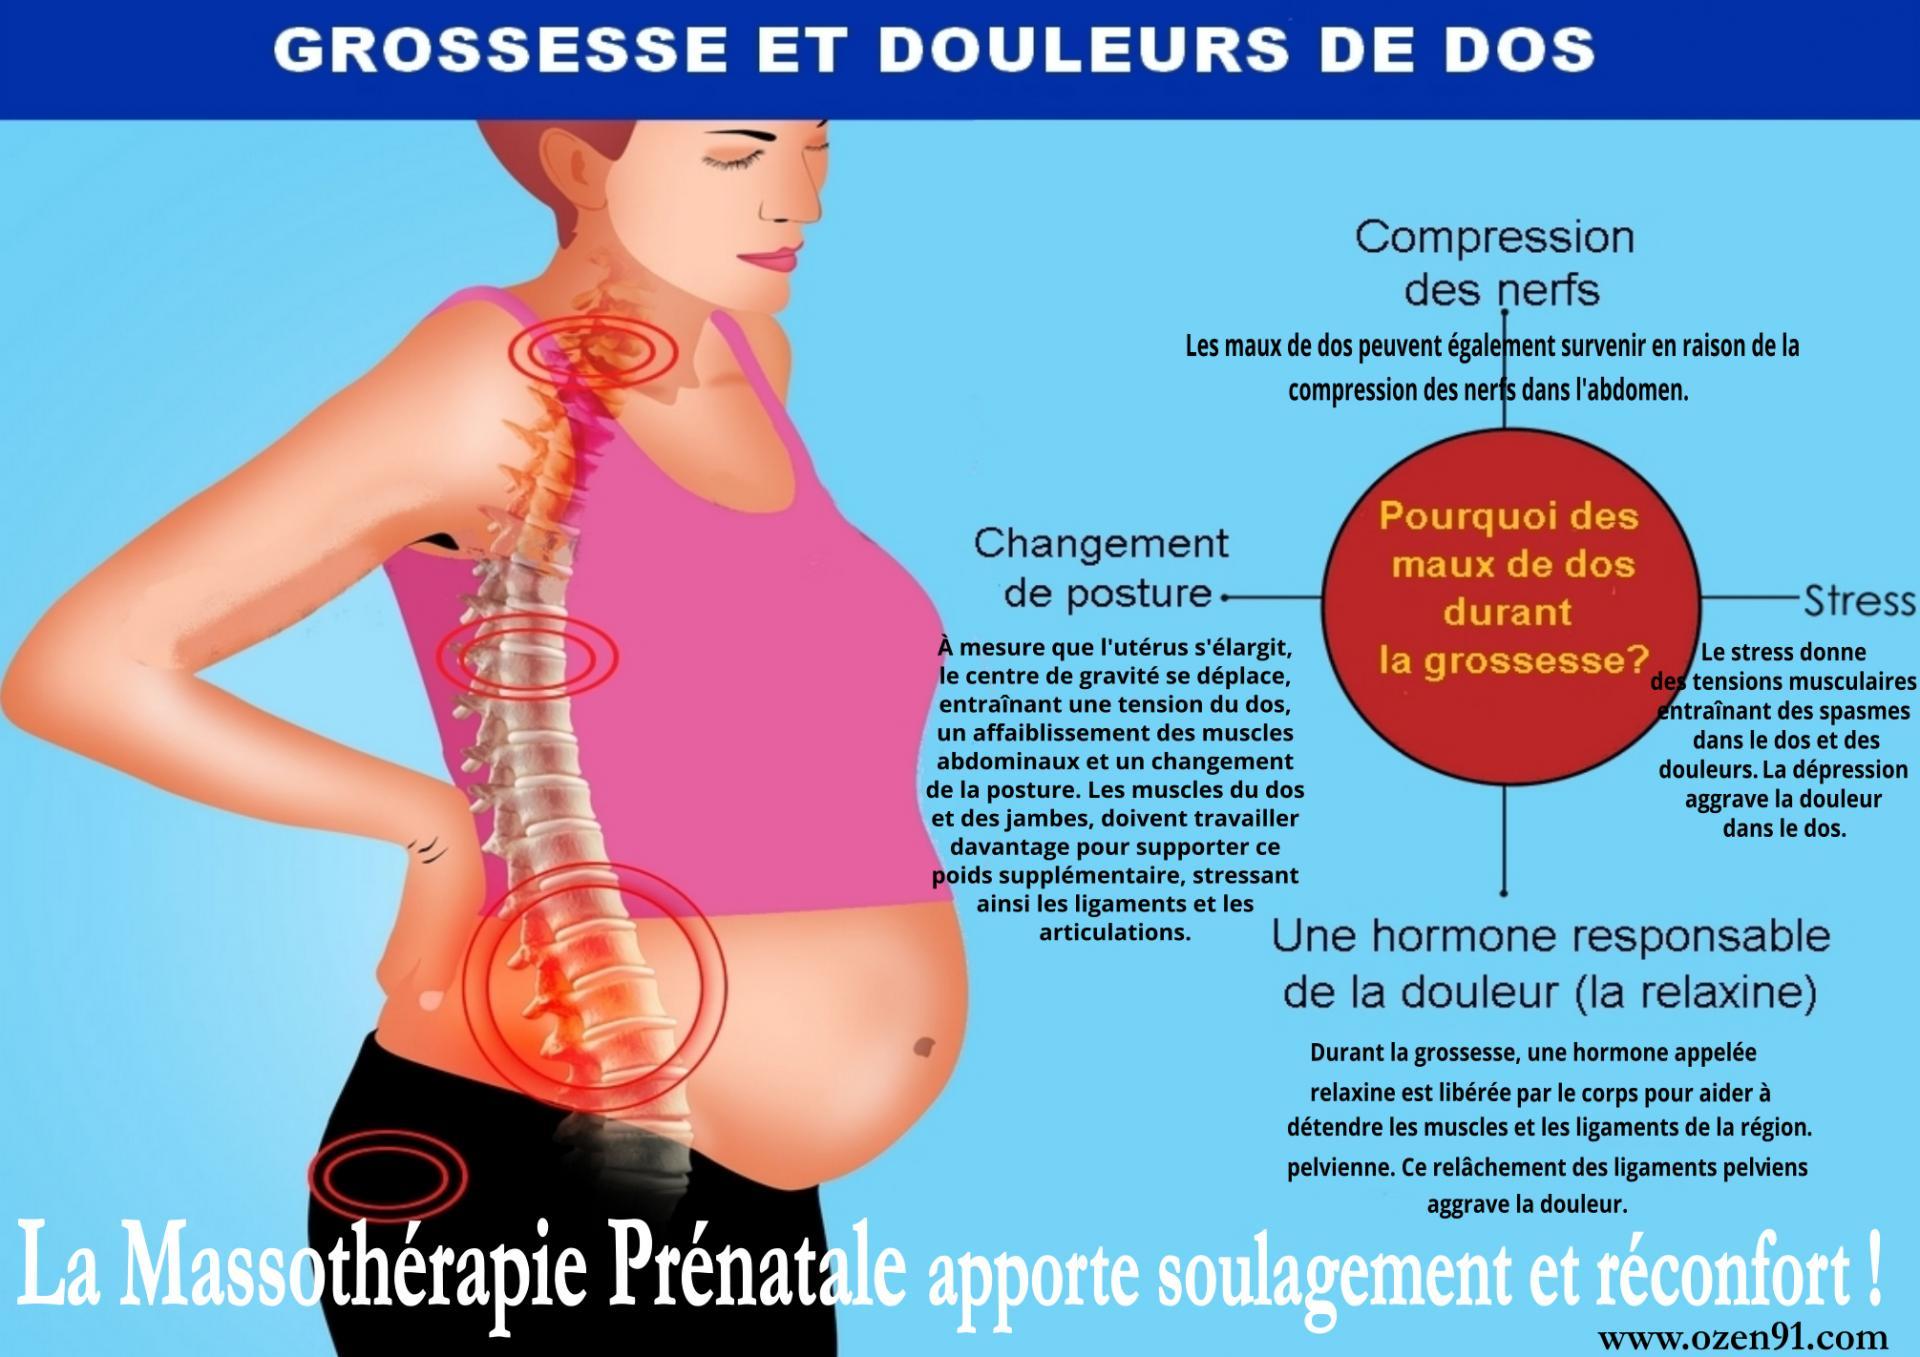 Grossesse et douleurs de dos